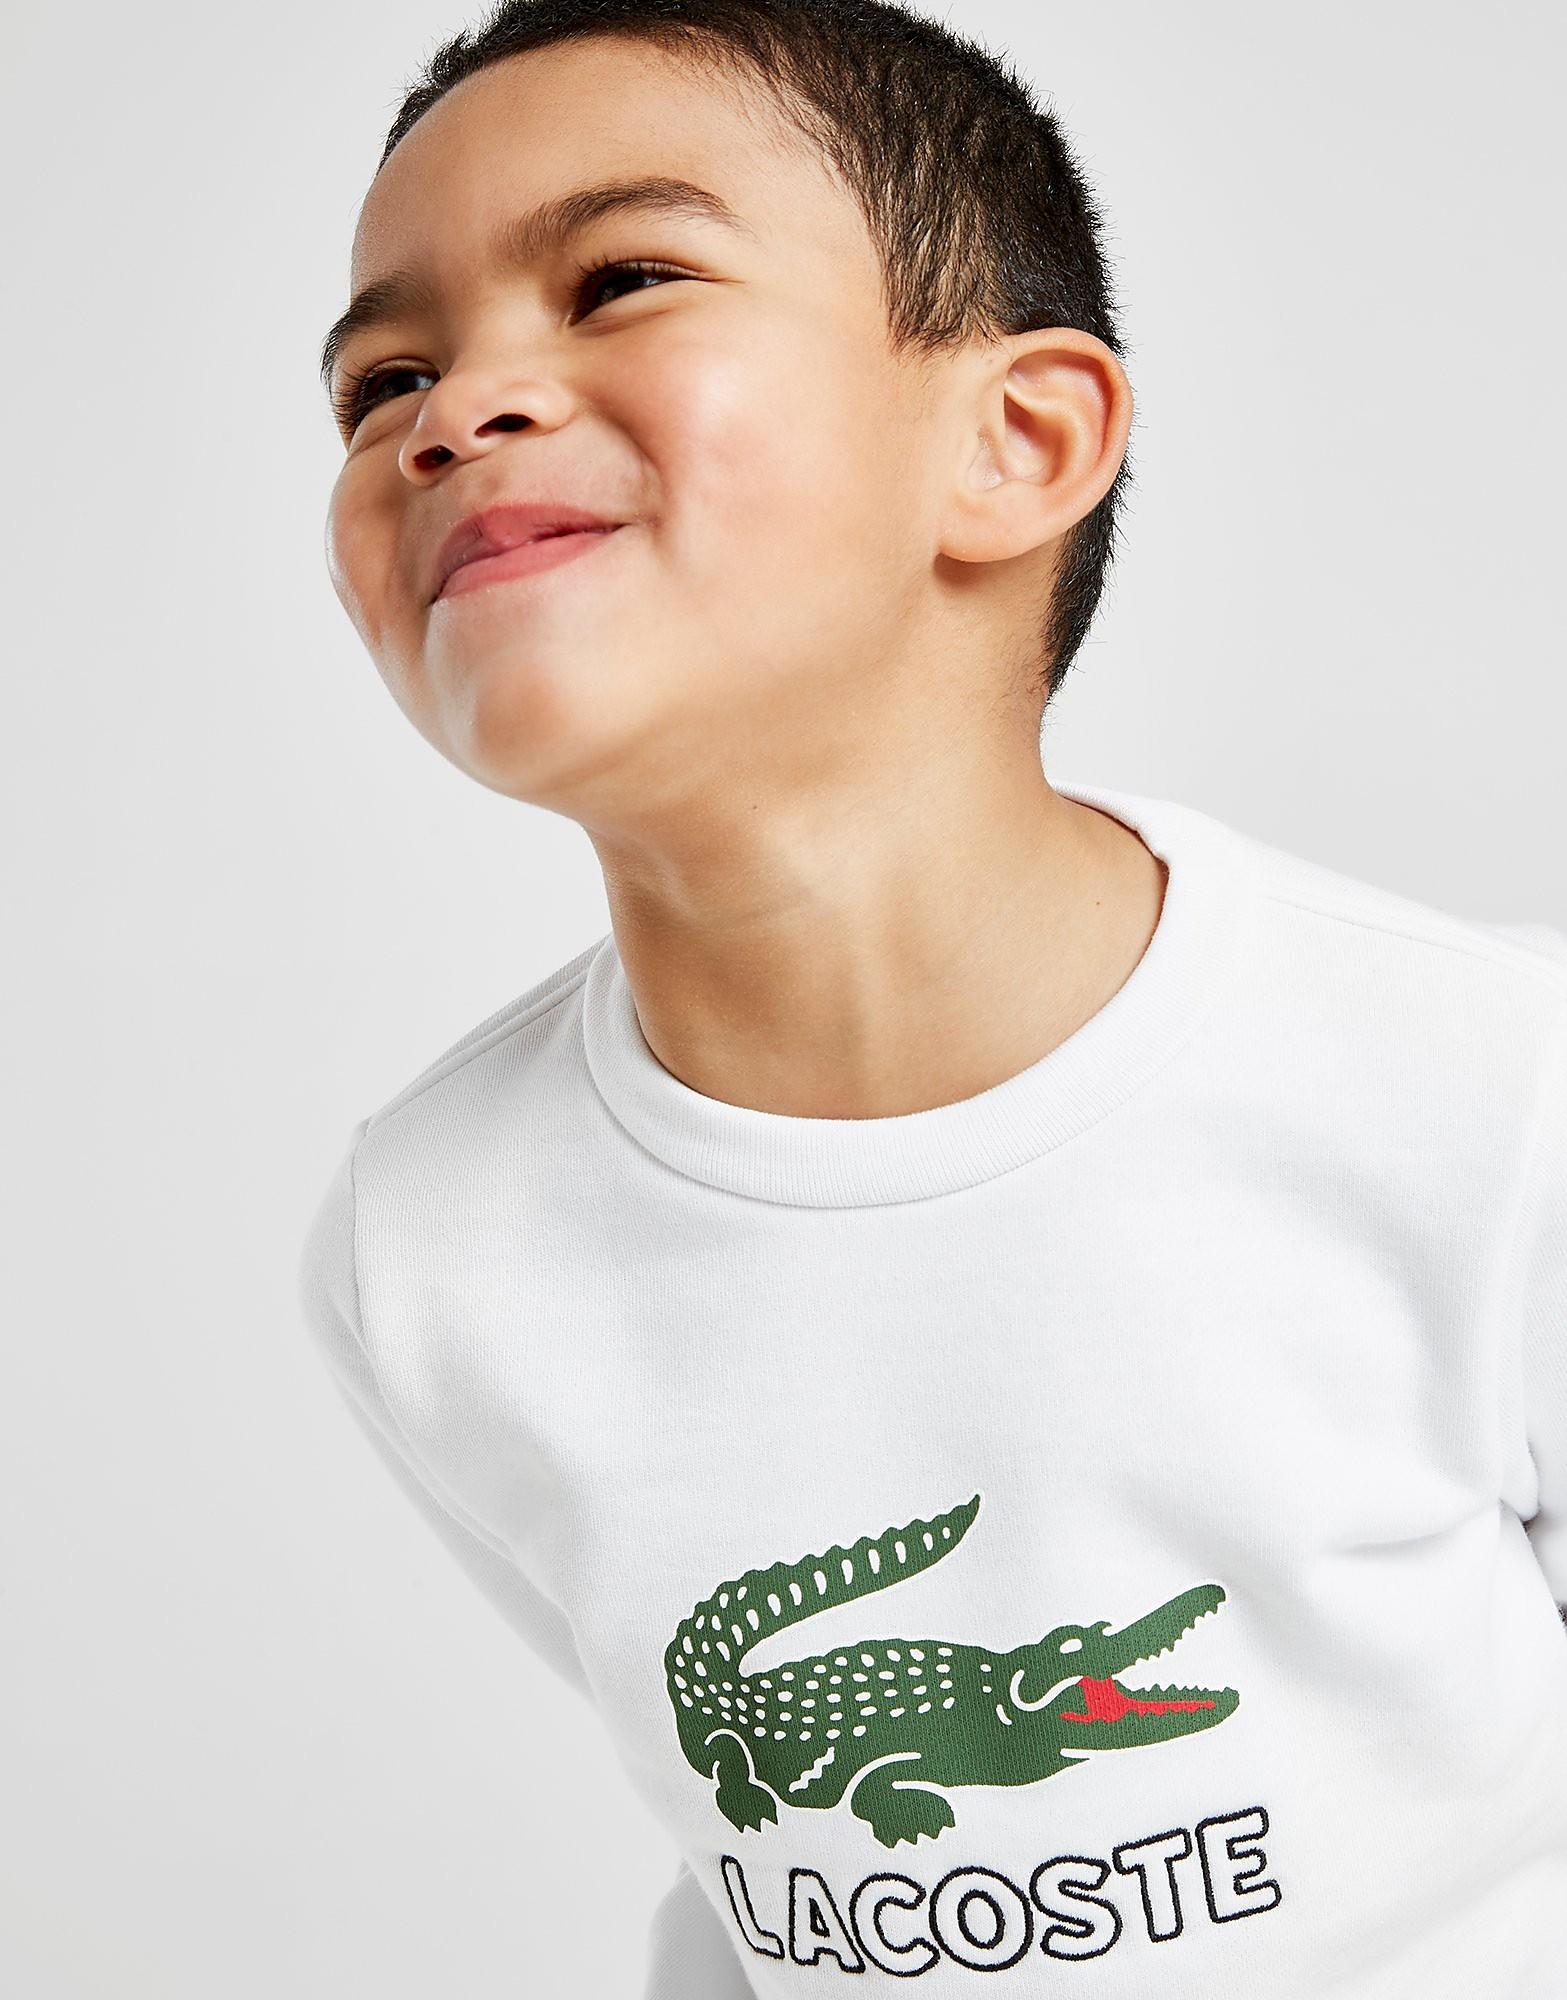 Lacoste VIntage Croc Crew Sweatshirt Kinderen - Wit - Kind